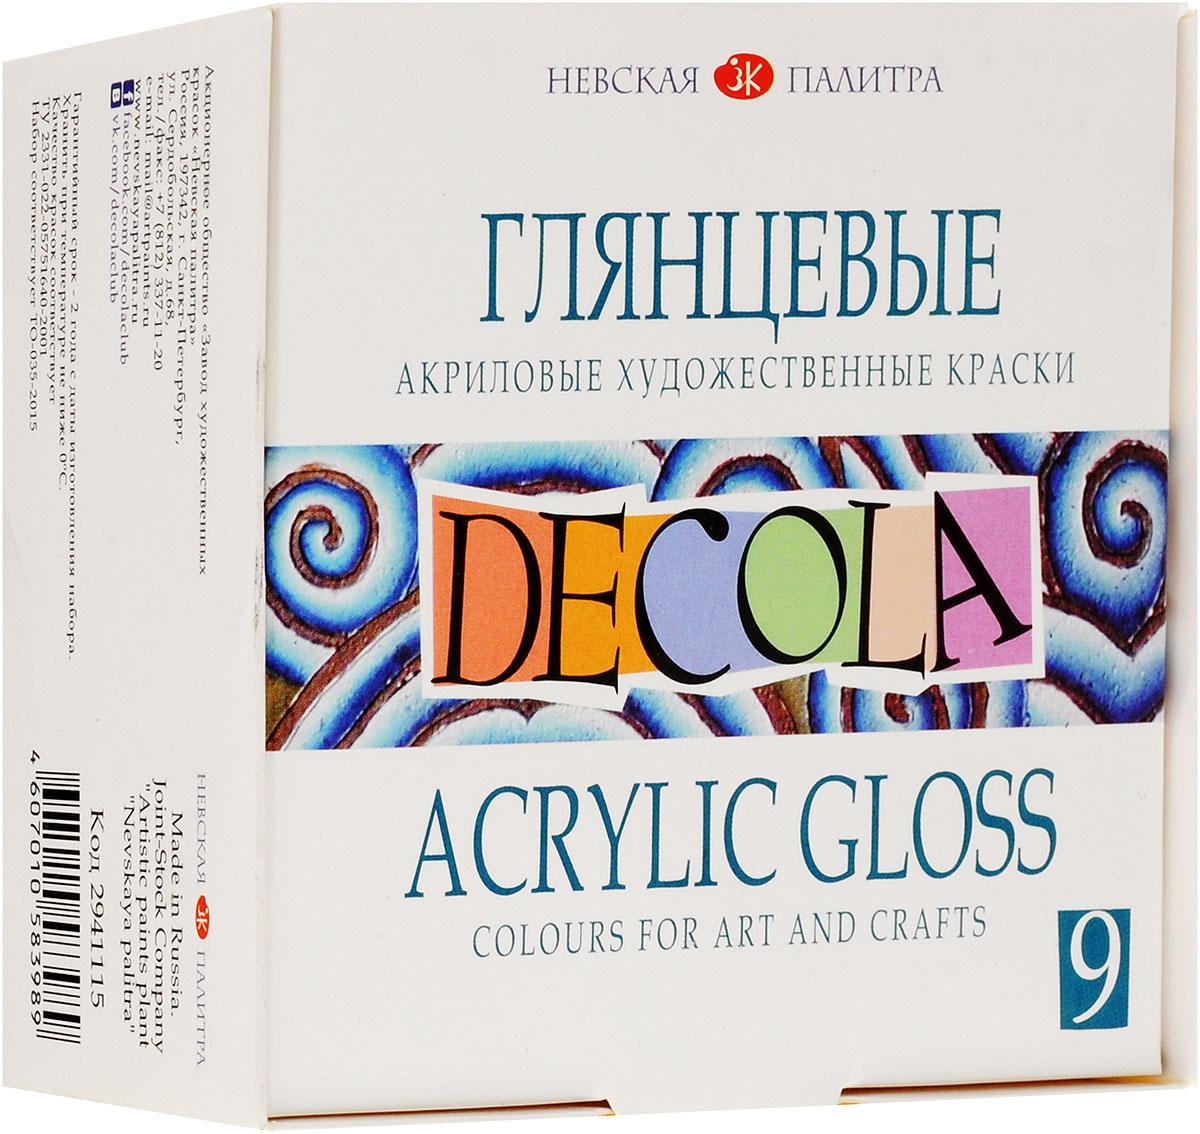 Decola Глянцевые акриловые художественные краски 9 цветов  #1